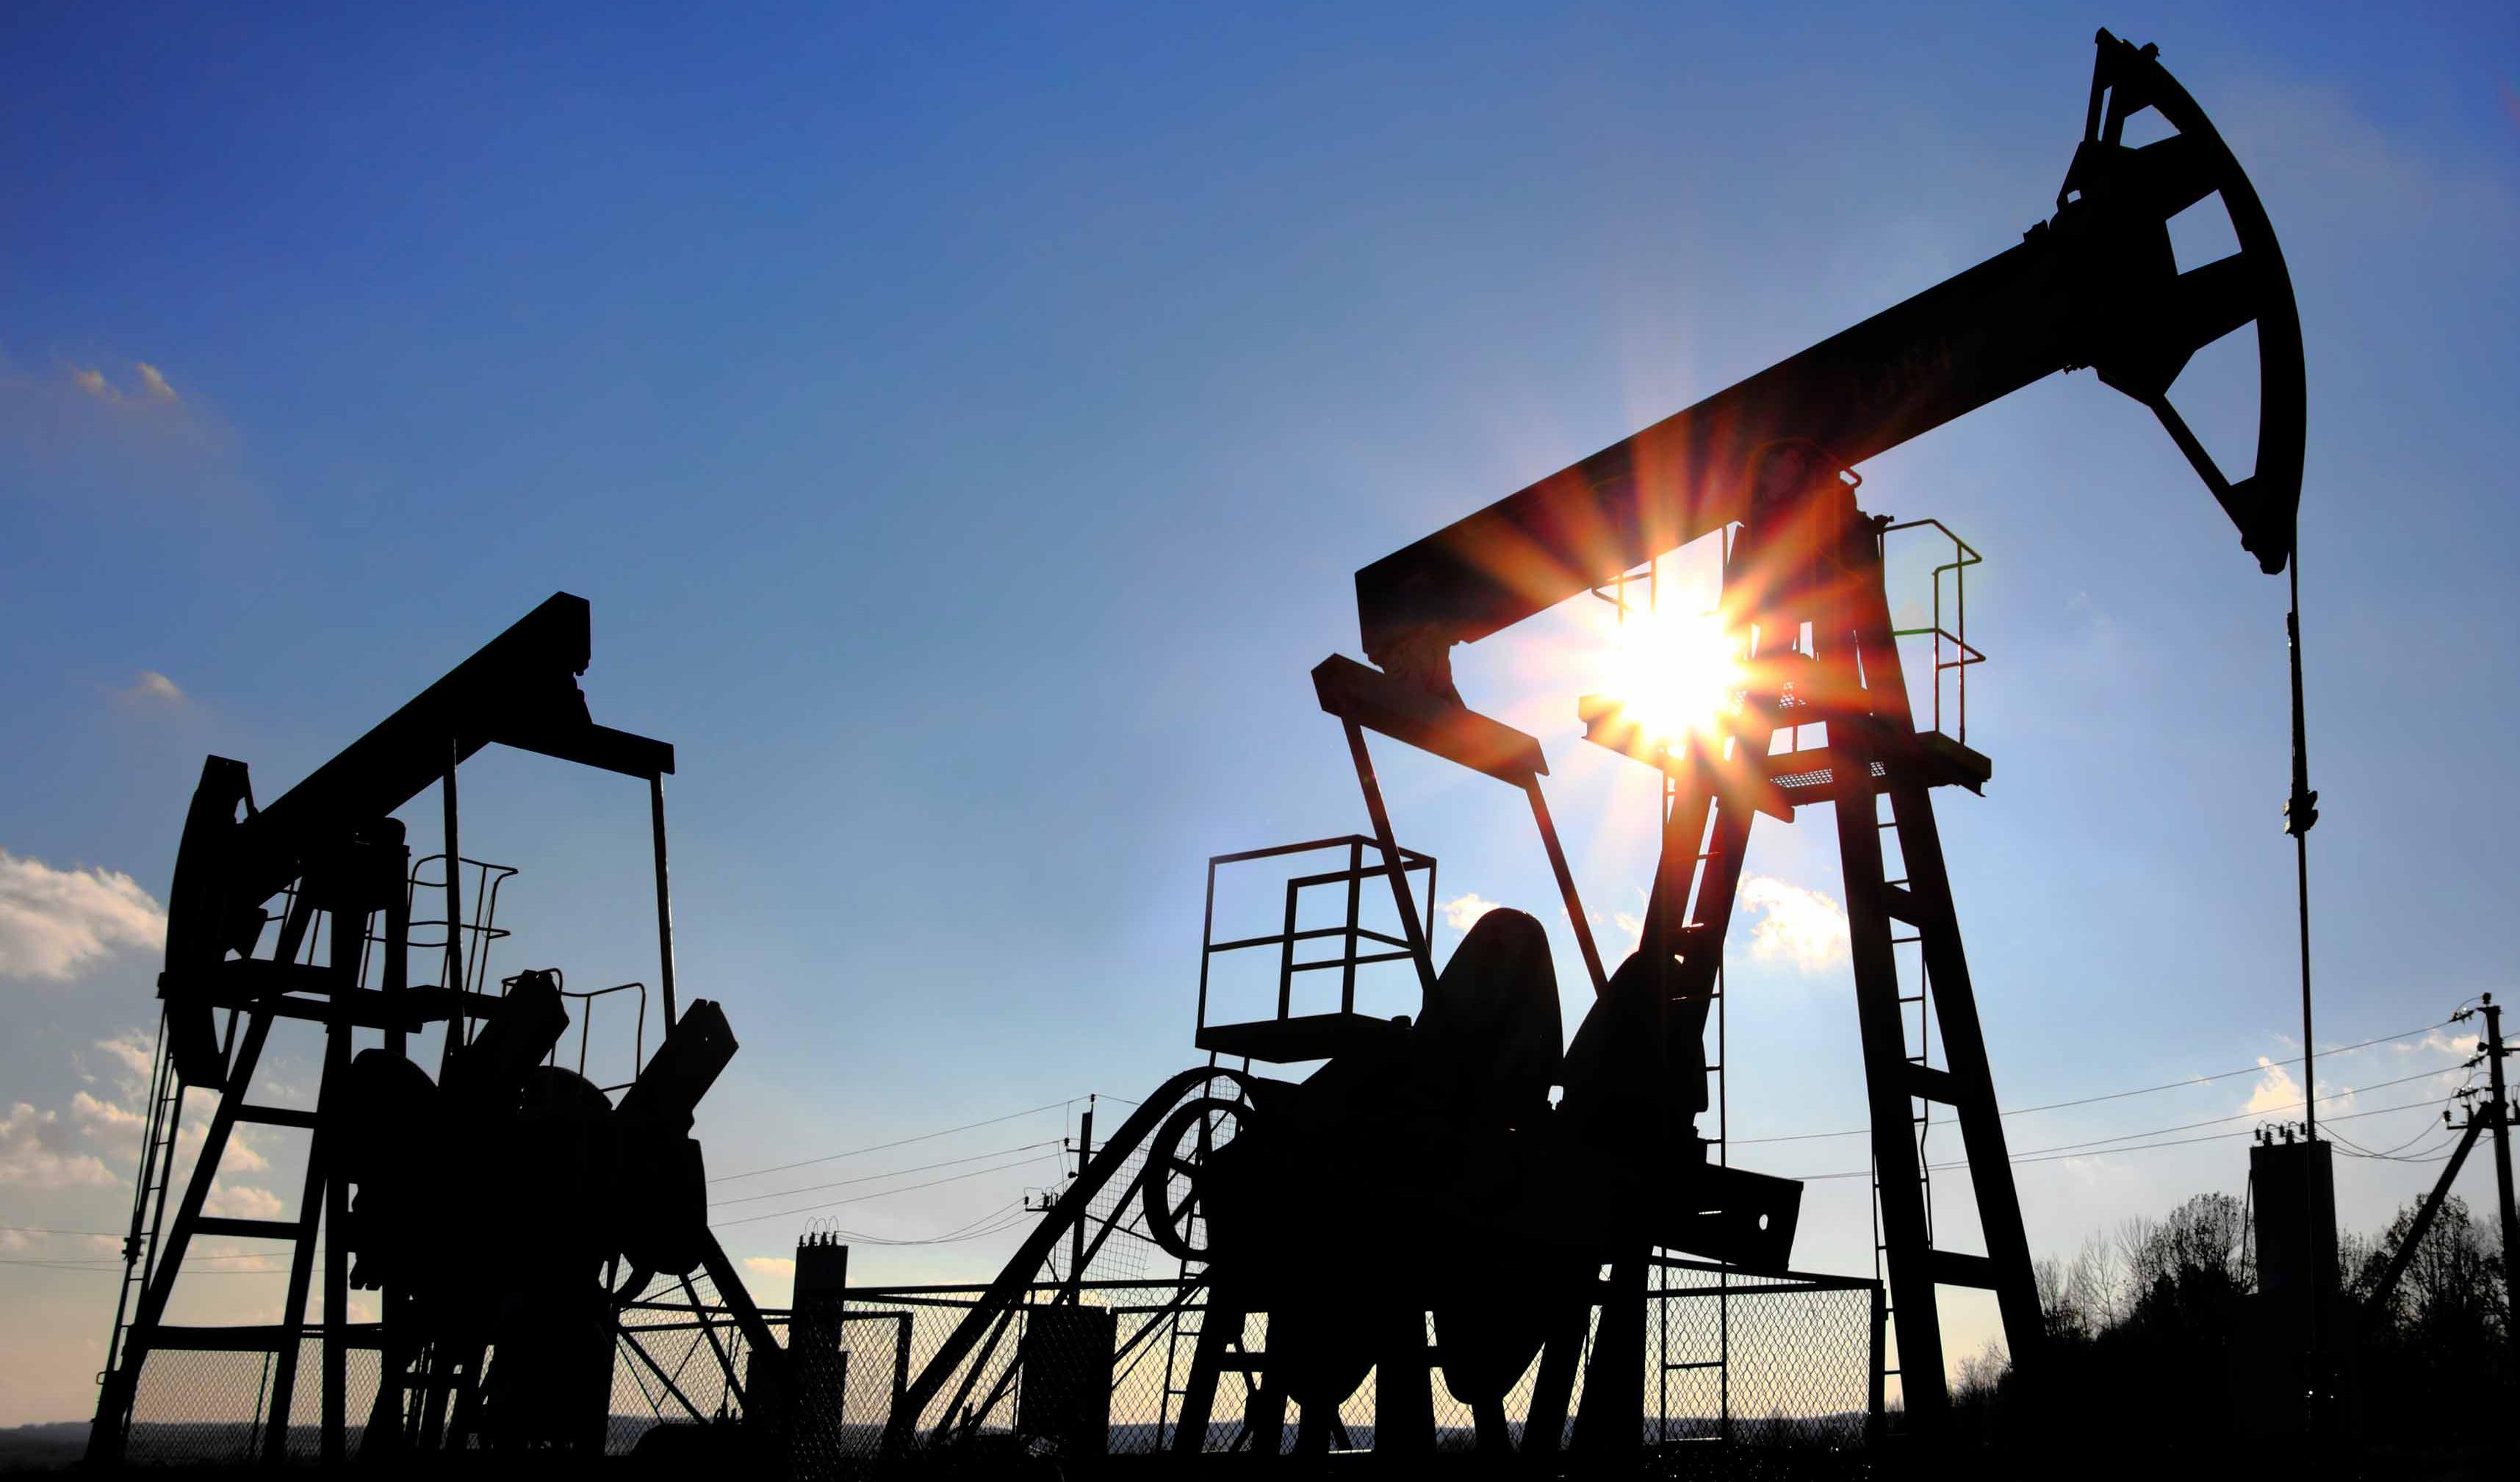 اشباع بازار نفت در نتیجه بحران کووید هند